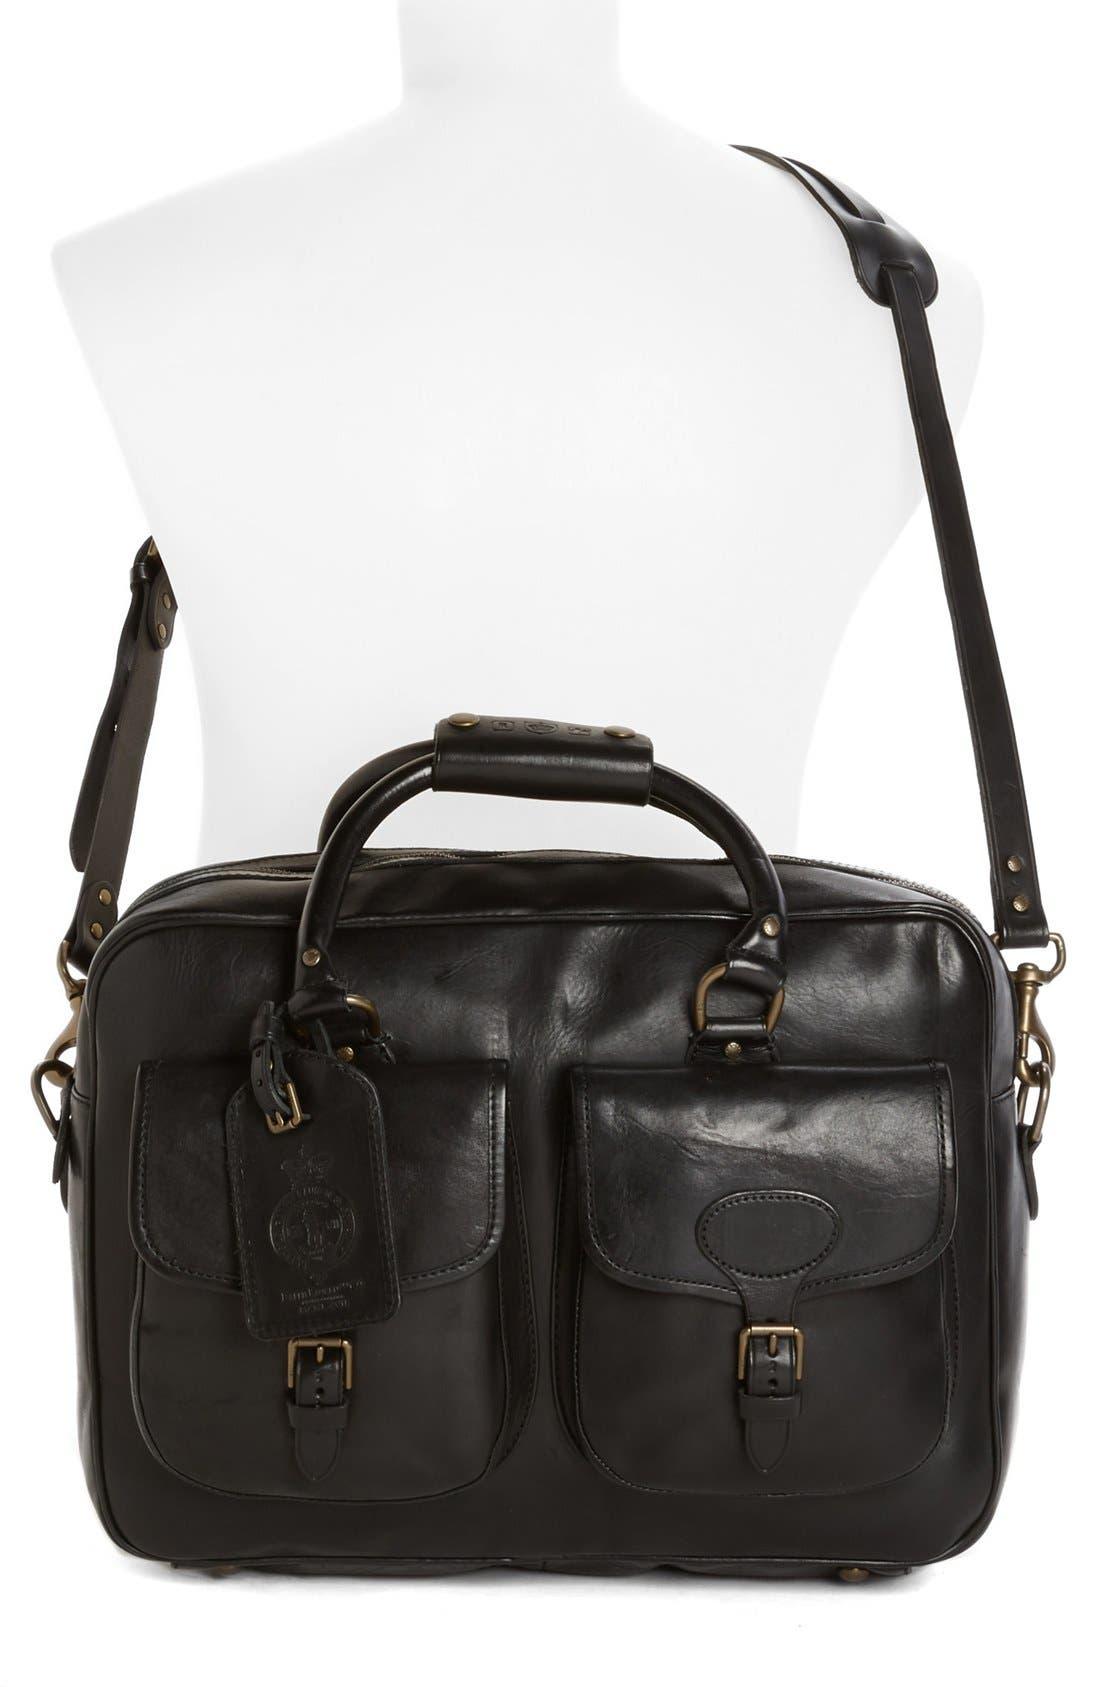 POLO RALPH LAUREN, Leather Commuter Bag, Alternate thumbnail 2, color, 001